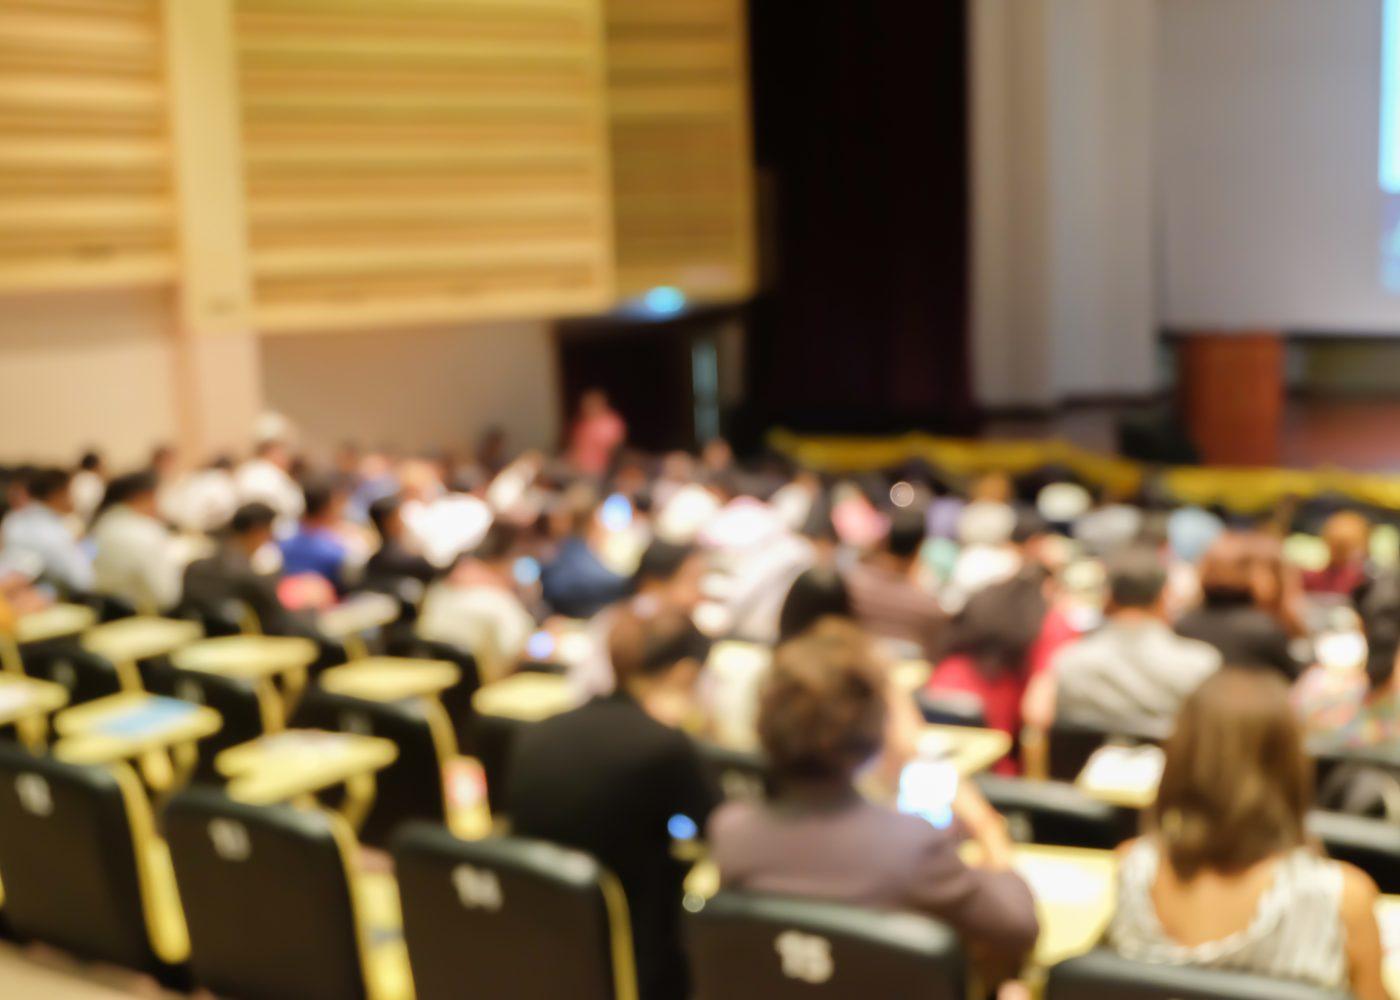 estudantes do ensino superior num auditório